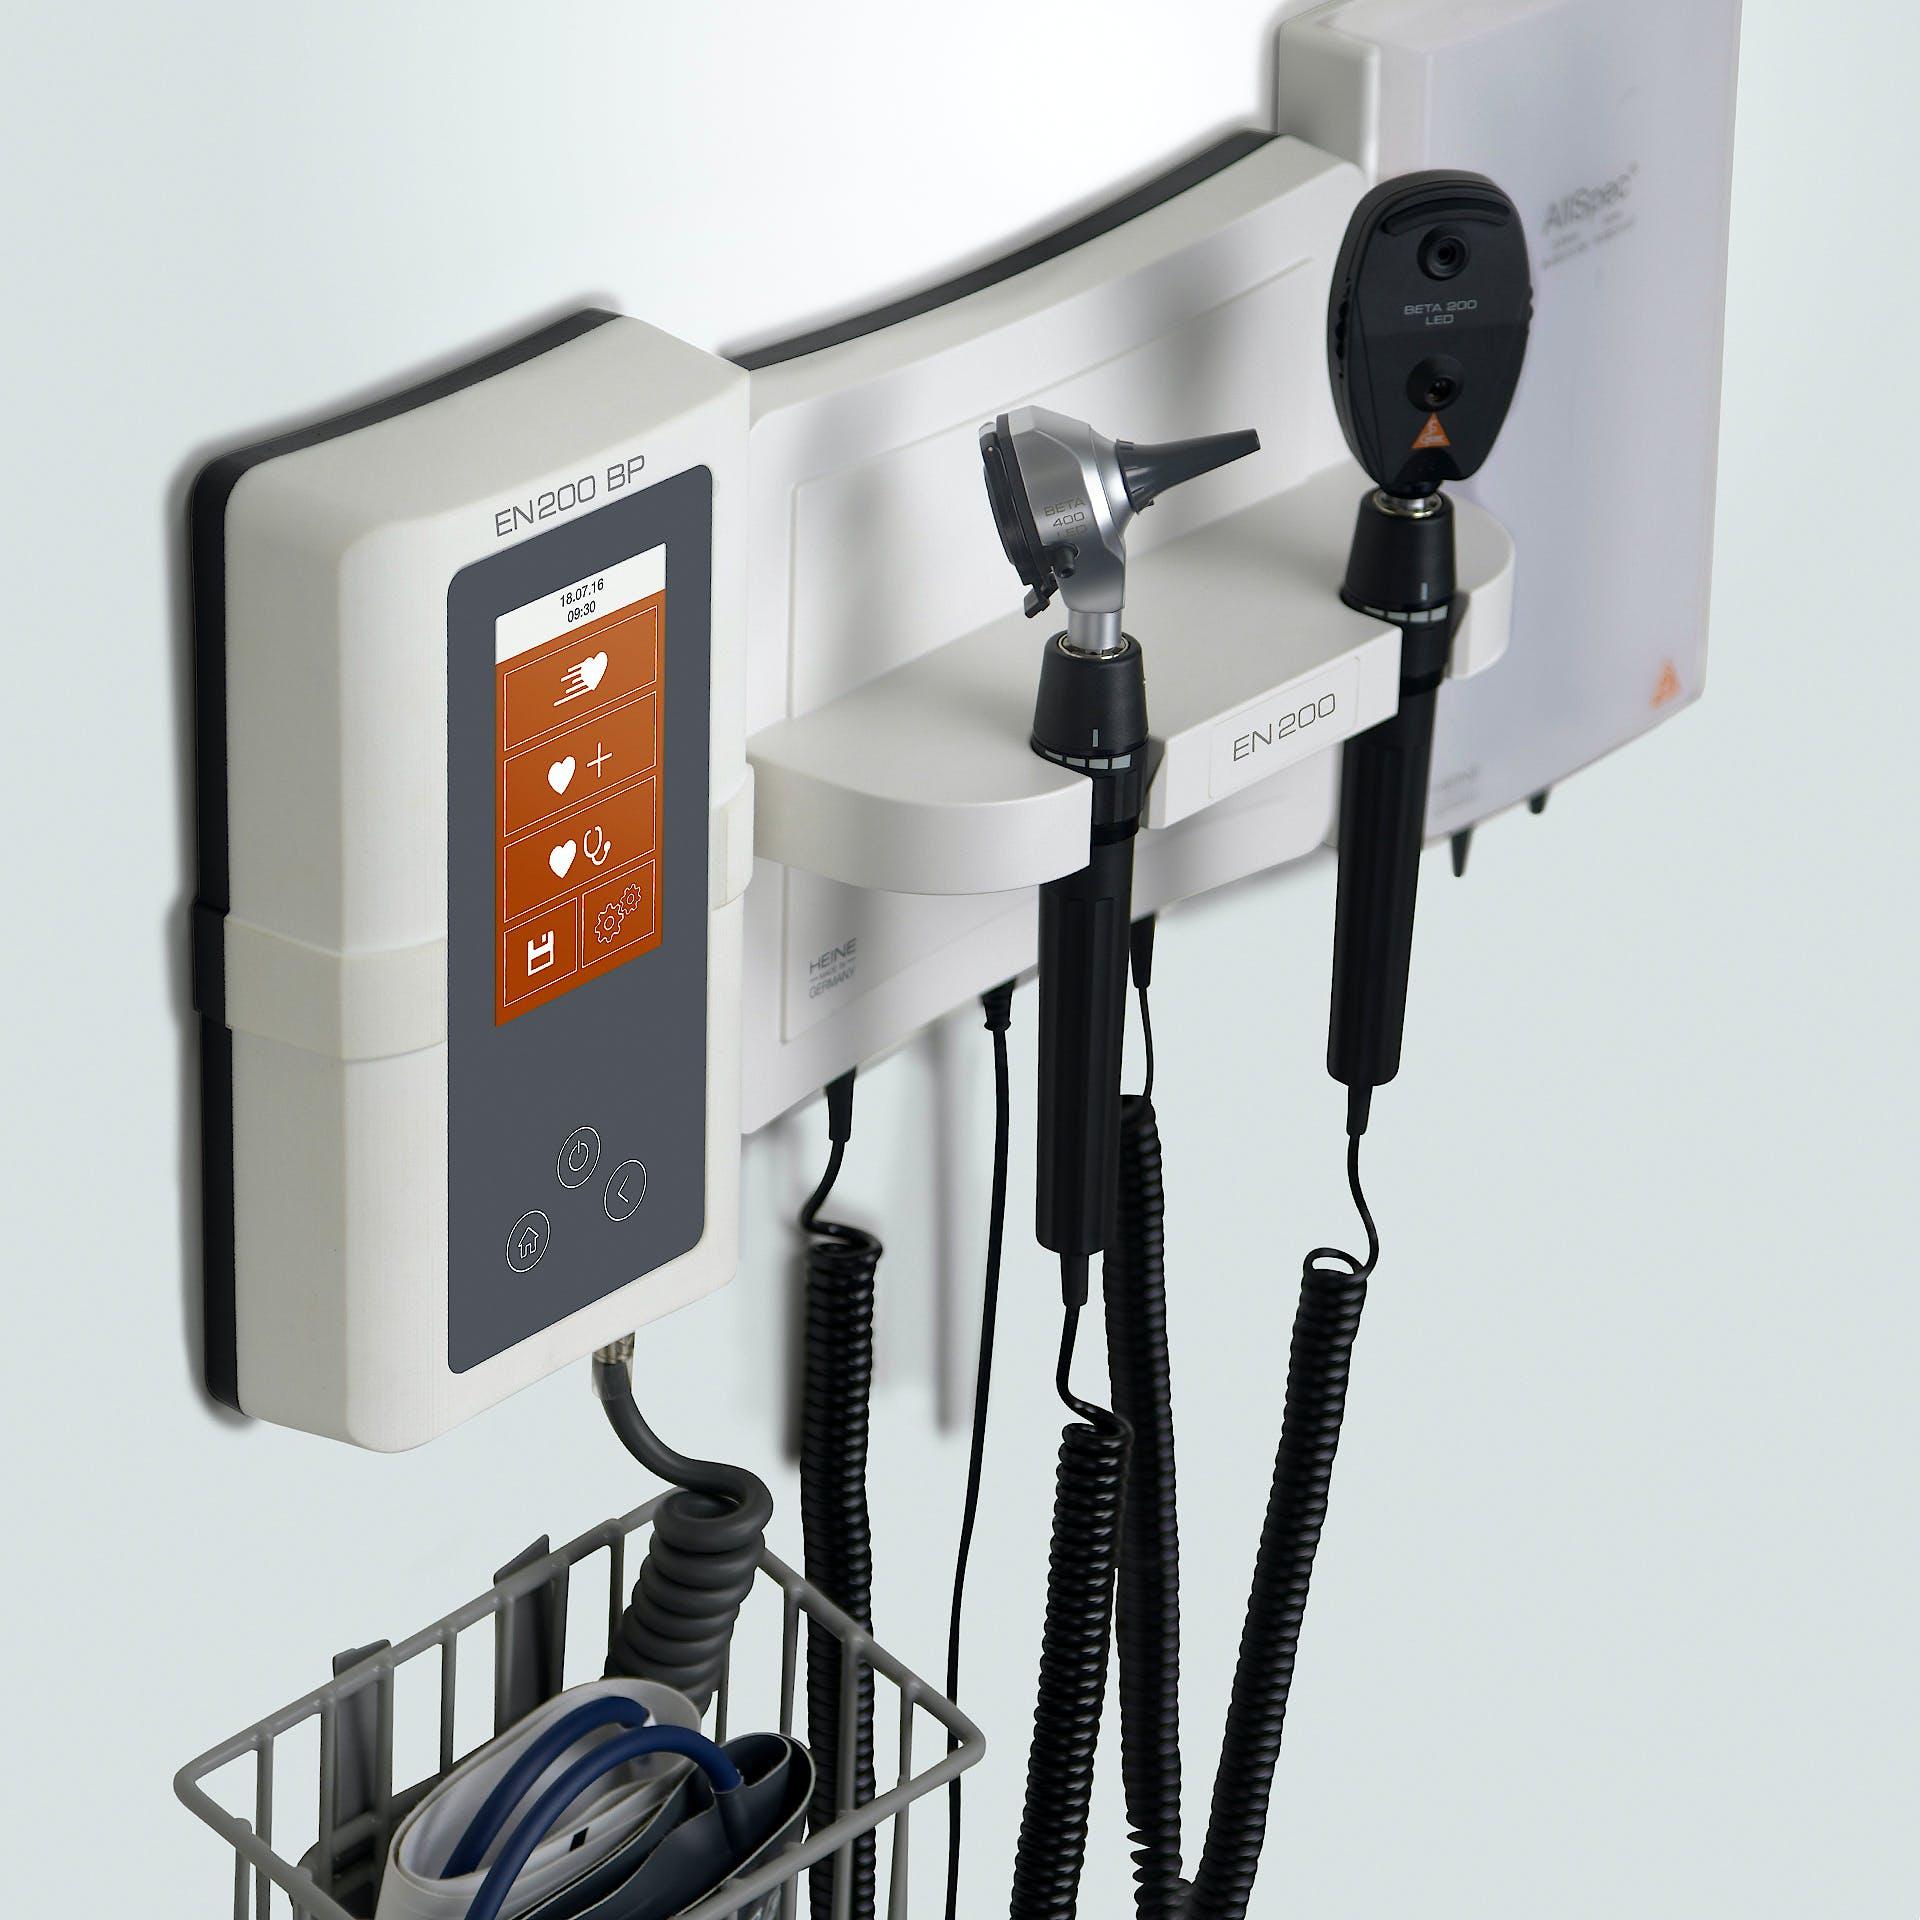 Centro de Diagnóstico Mural Heine EN 200 con Oto K 100 y Oftalm K 180 3,5 V. y Juego de Espéculos Sanalon